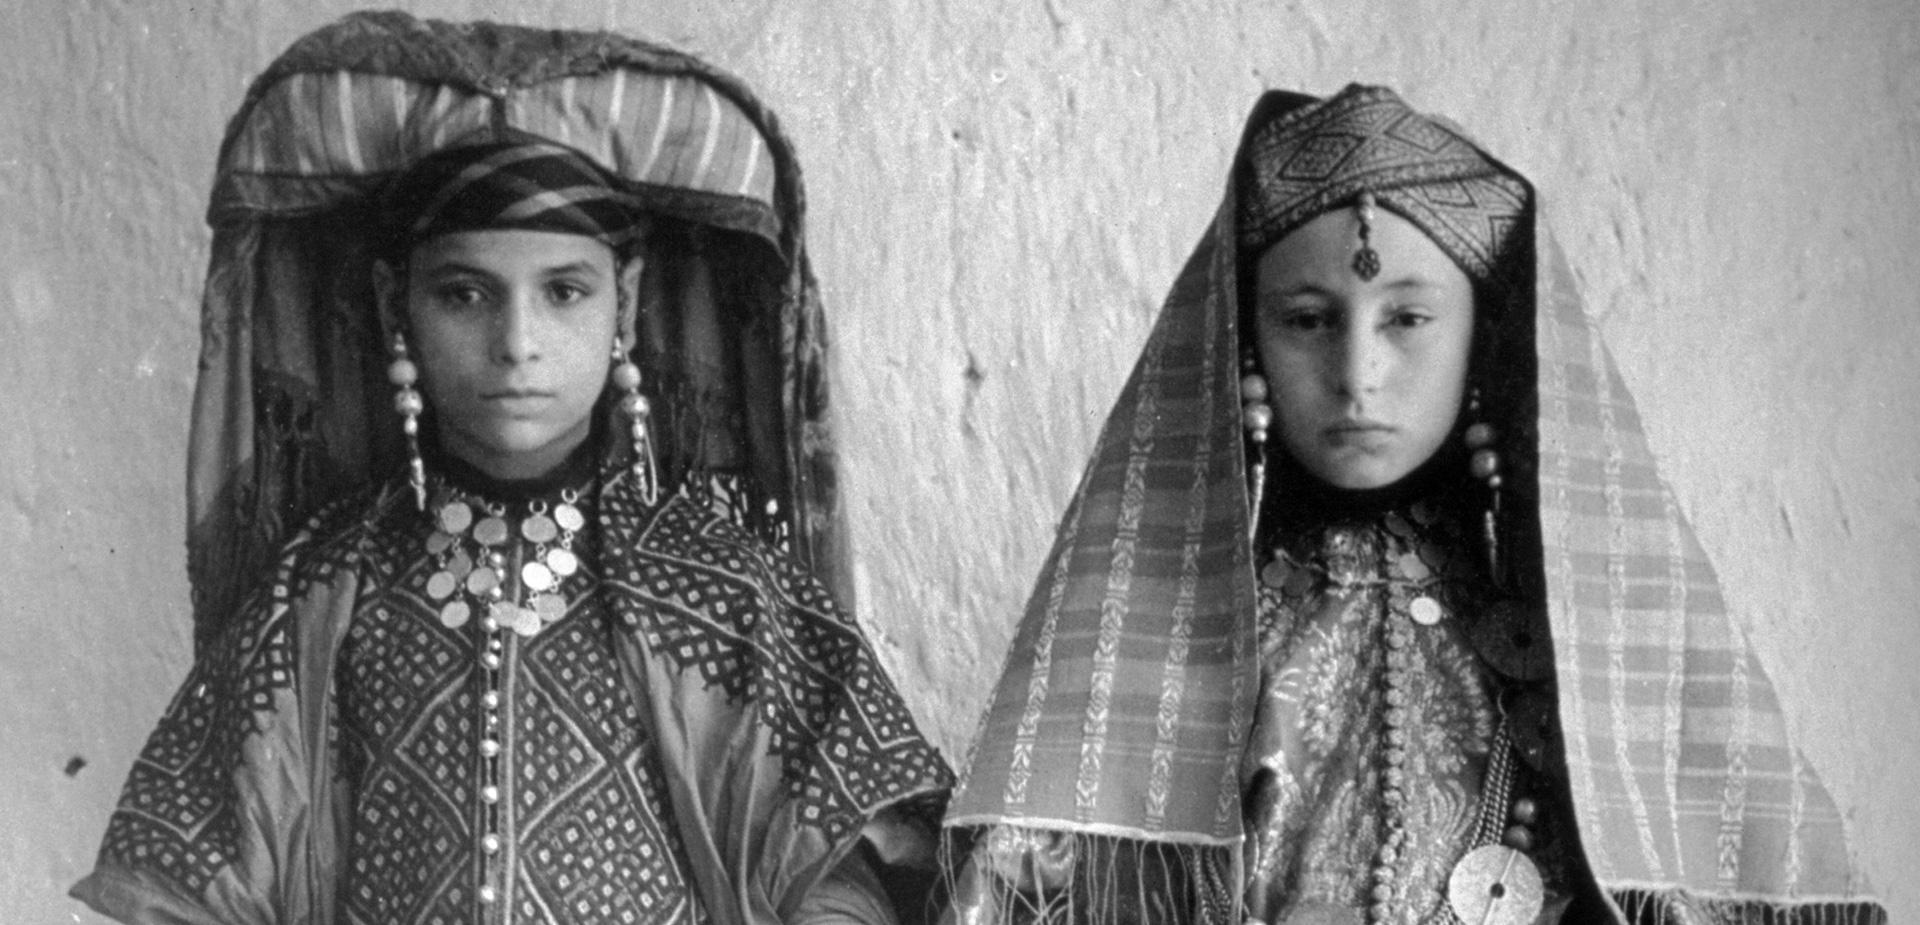 Juifs du Maroc, 1934-1937 Photographies de Jean Besancenot